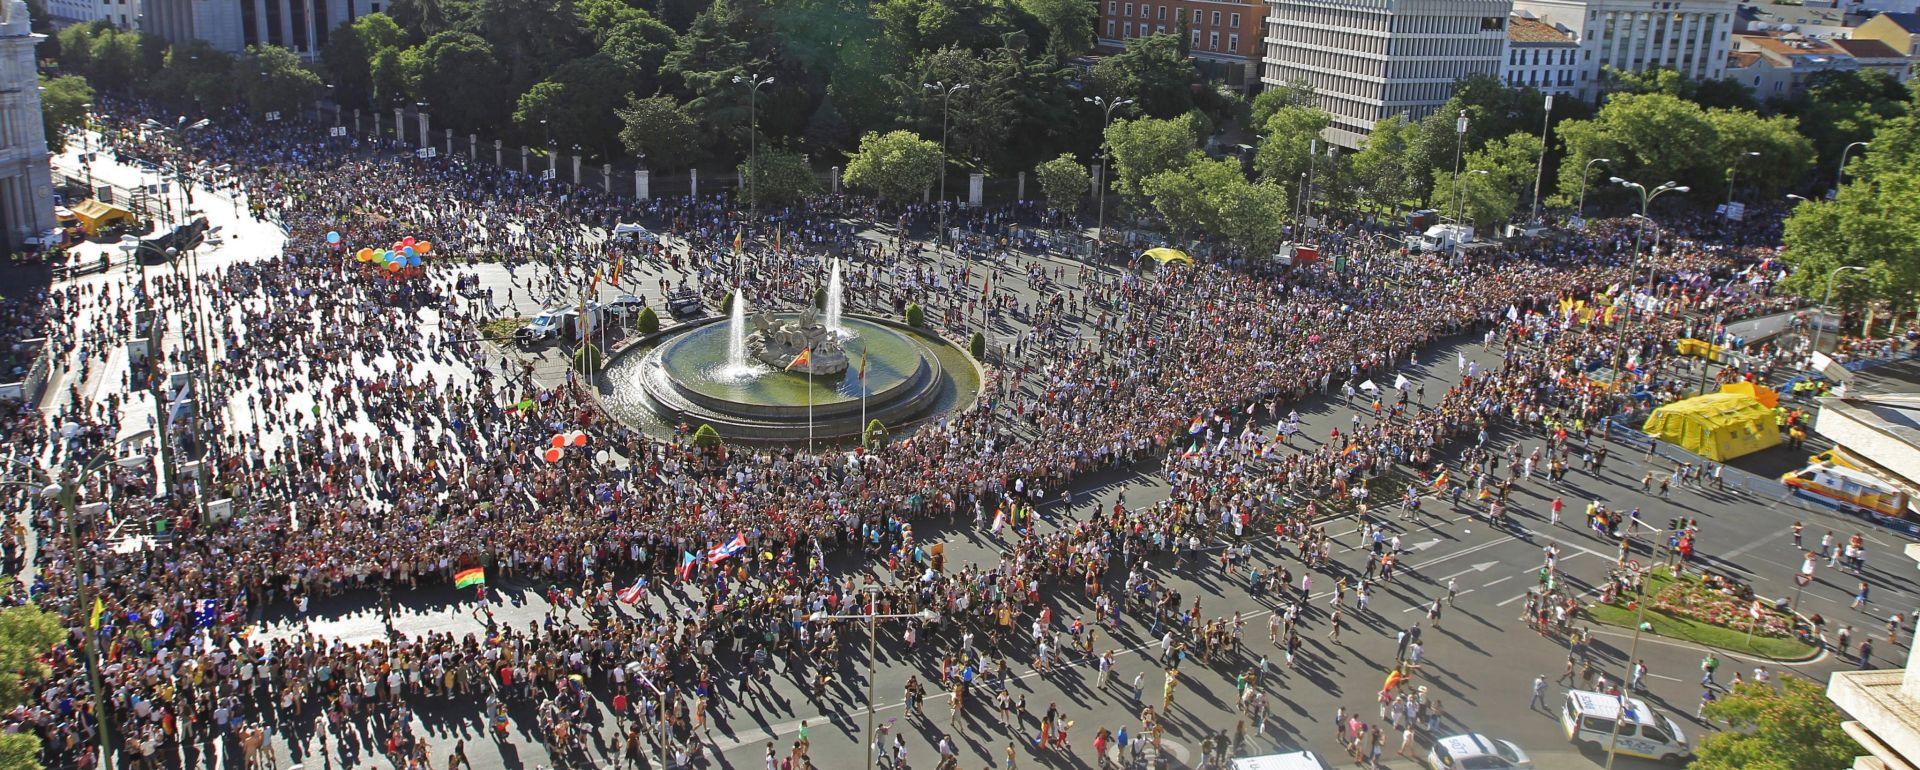 U Madridu na Svjetskoj paradi ponosa nekoliko stotina tisuća ljudi